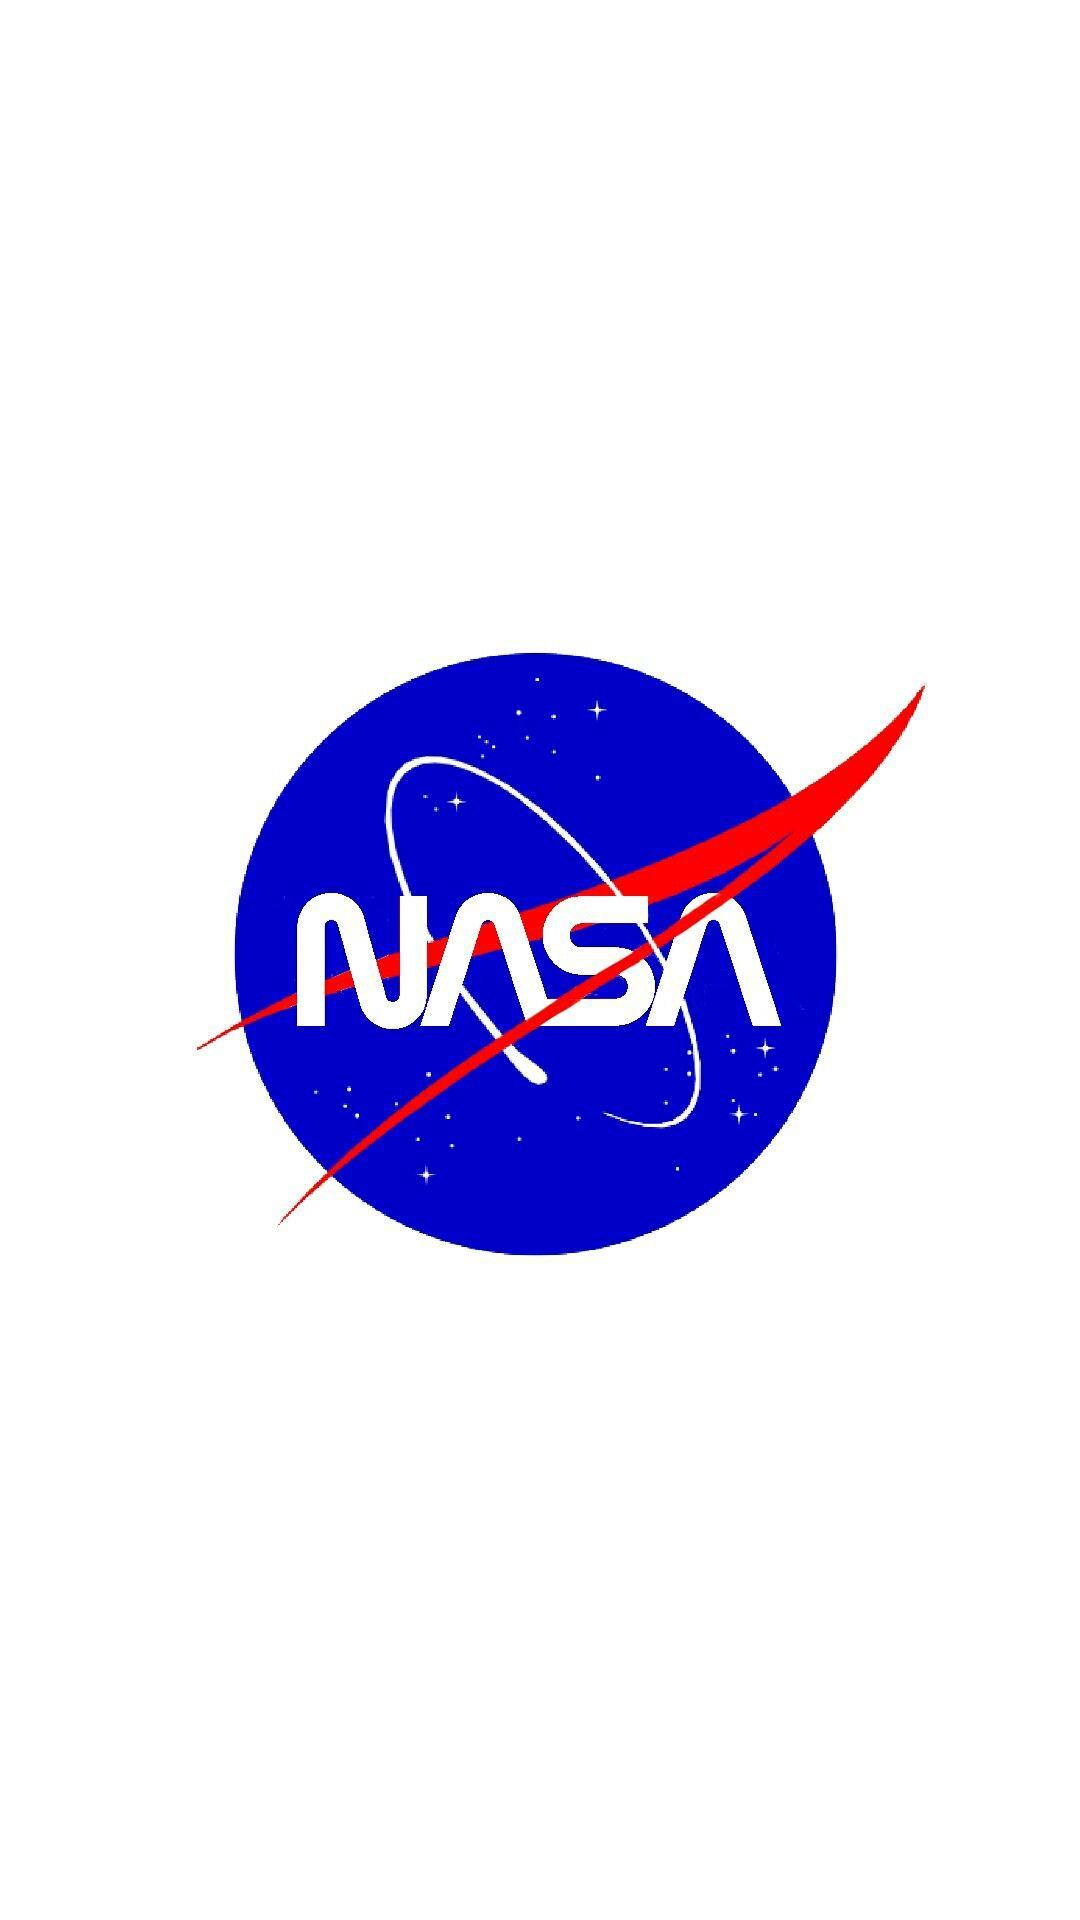 Nasa New Logo #nasa #aesthetic #wallpaper #logo #wormlogo